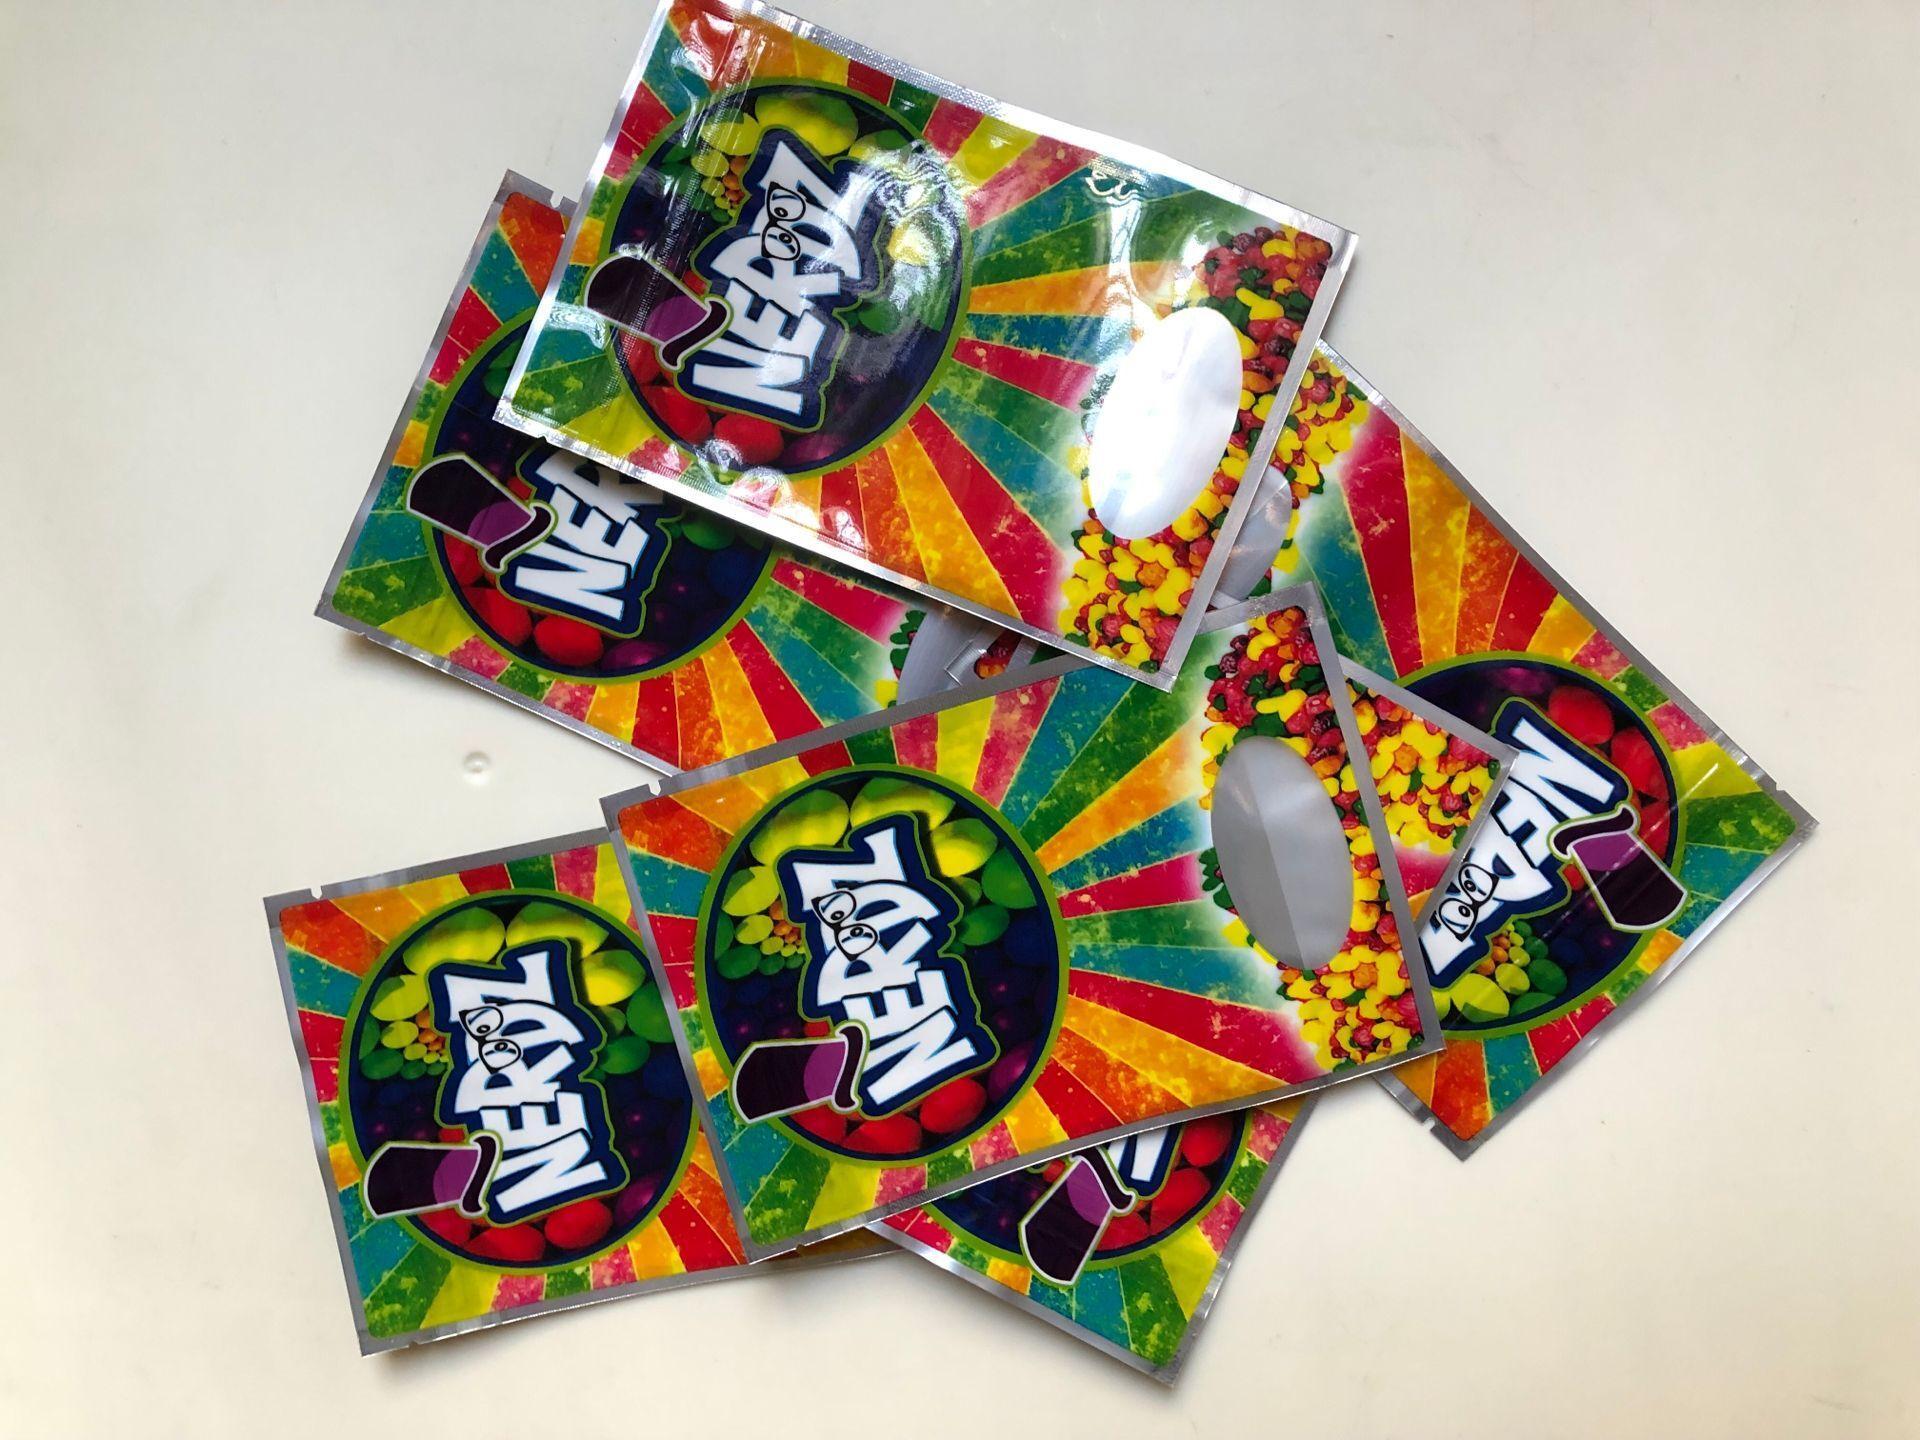 Candy Lokale Taschen Medikament Rainbow 3,5g Mylar Edibles Riechen Nerdz Taschen Beweis BBBYGY BBBYGYS LMEOQ